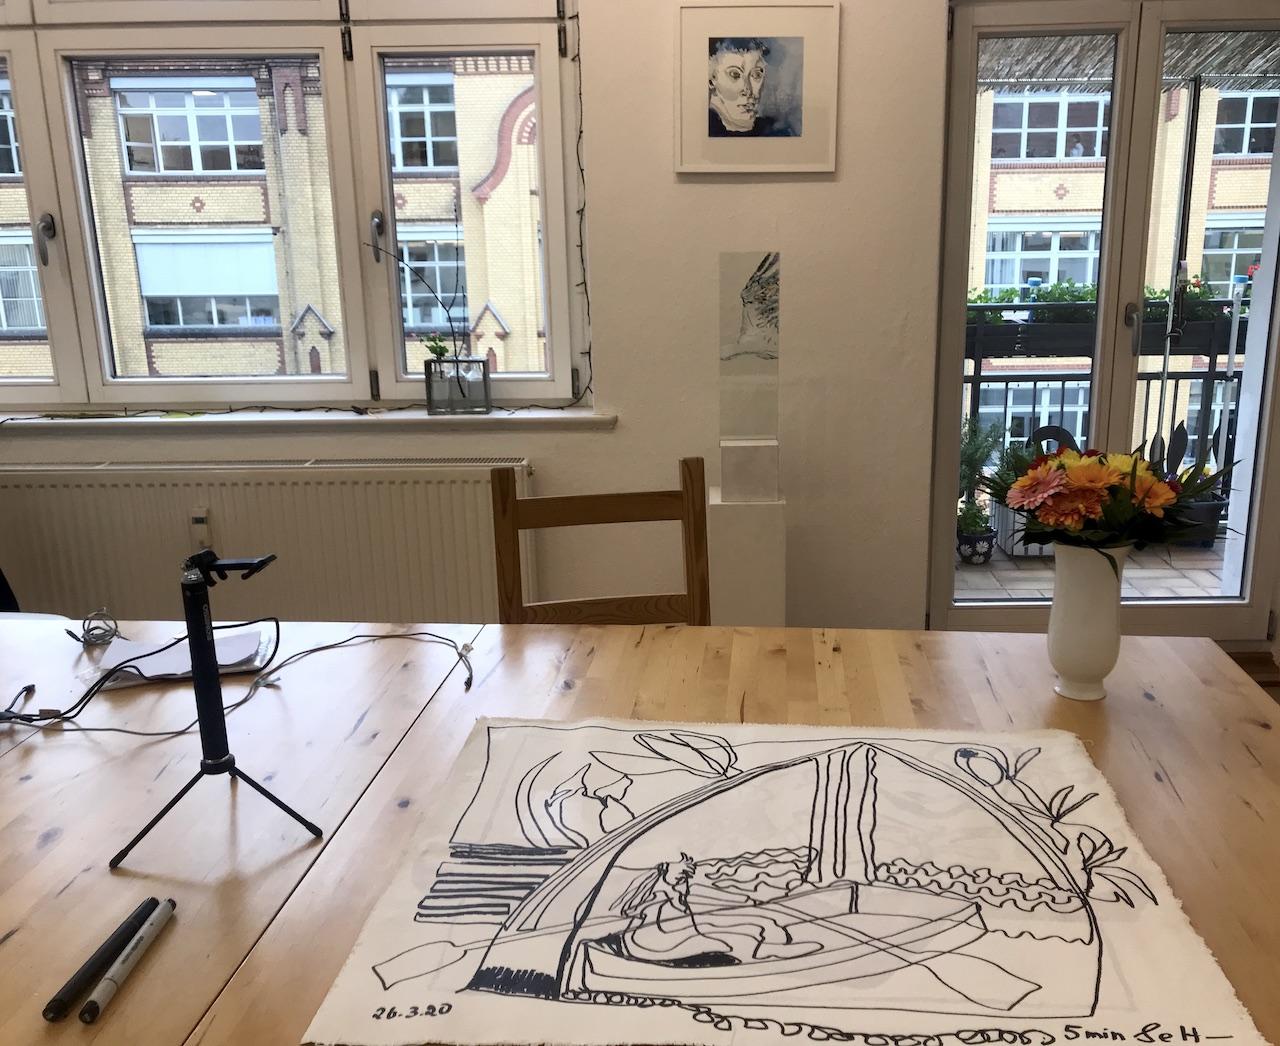 Atelierblick - Doppelter Blick aus dem Fenster, 57 x 73,5 cm, Zeichnung auf Leinwand von Susanne Haun (c) VG Bild-Kunst, Bonn 2020